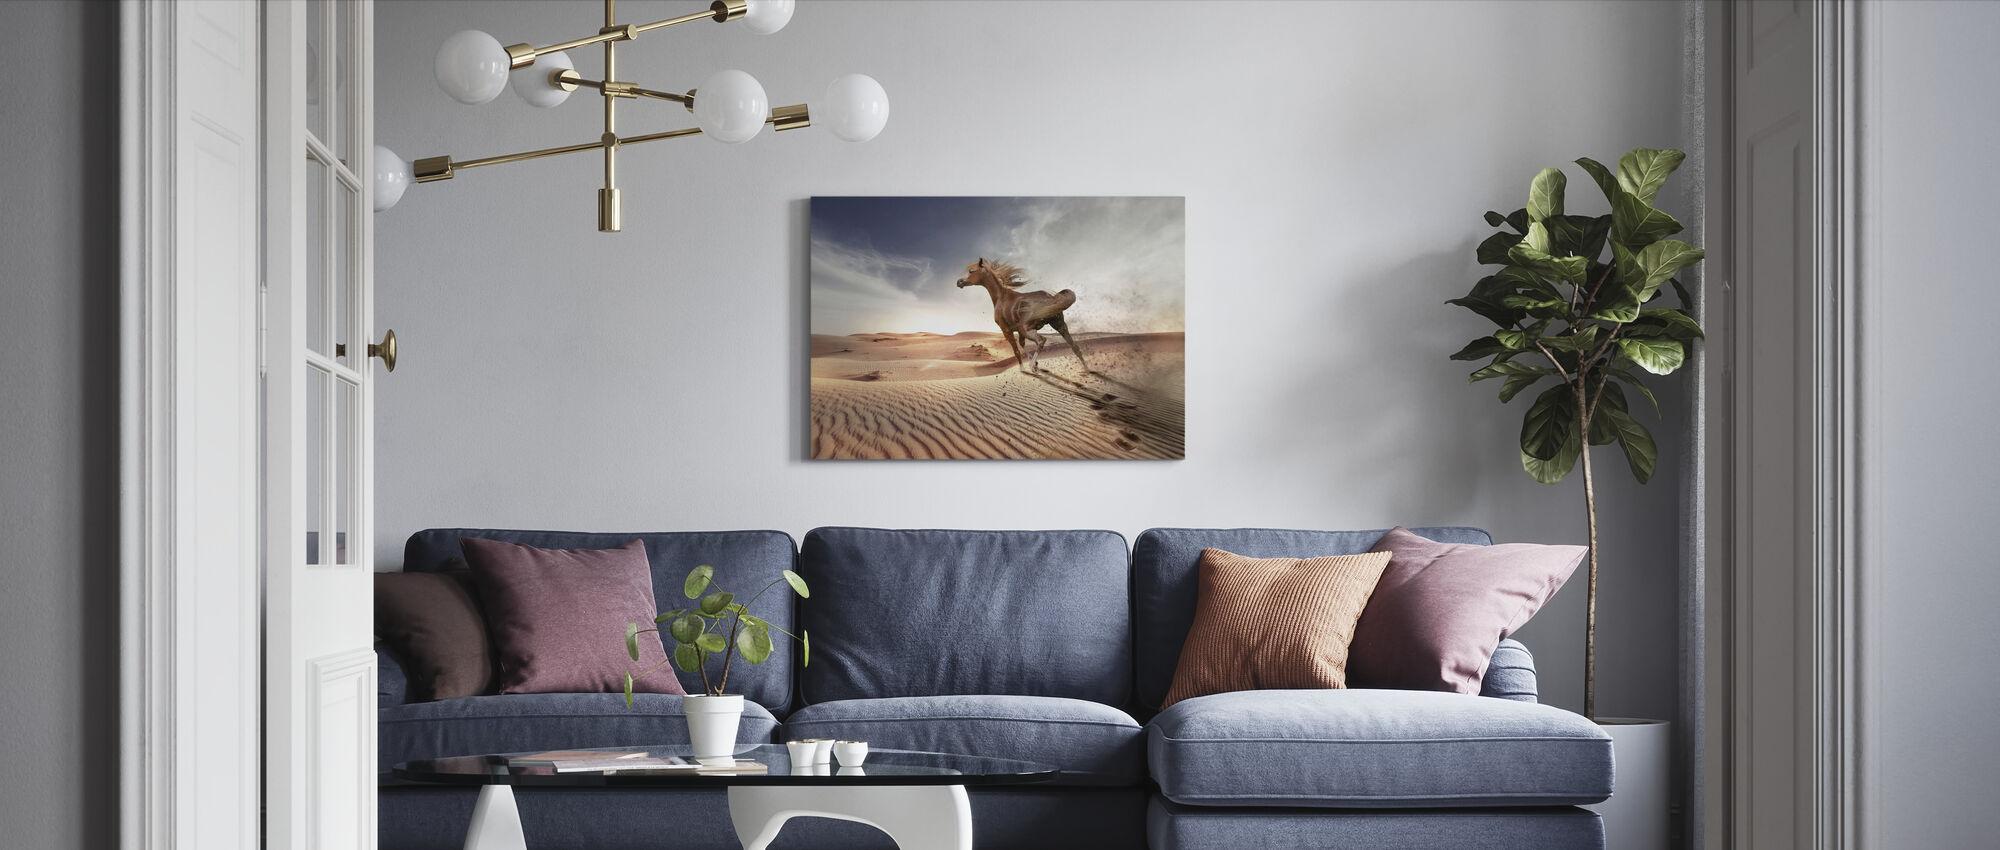 Running Horse in the Desert - Canvas print - Living Room